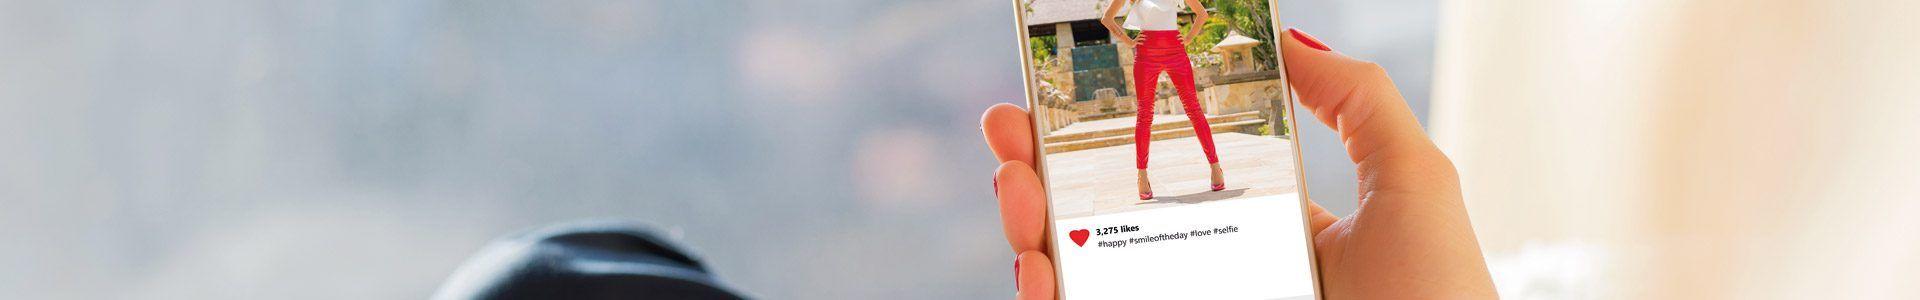 Adverteren-op-instagram-tips-resultaten-casestudies